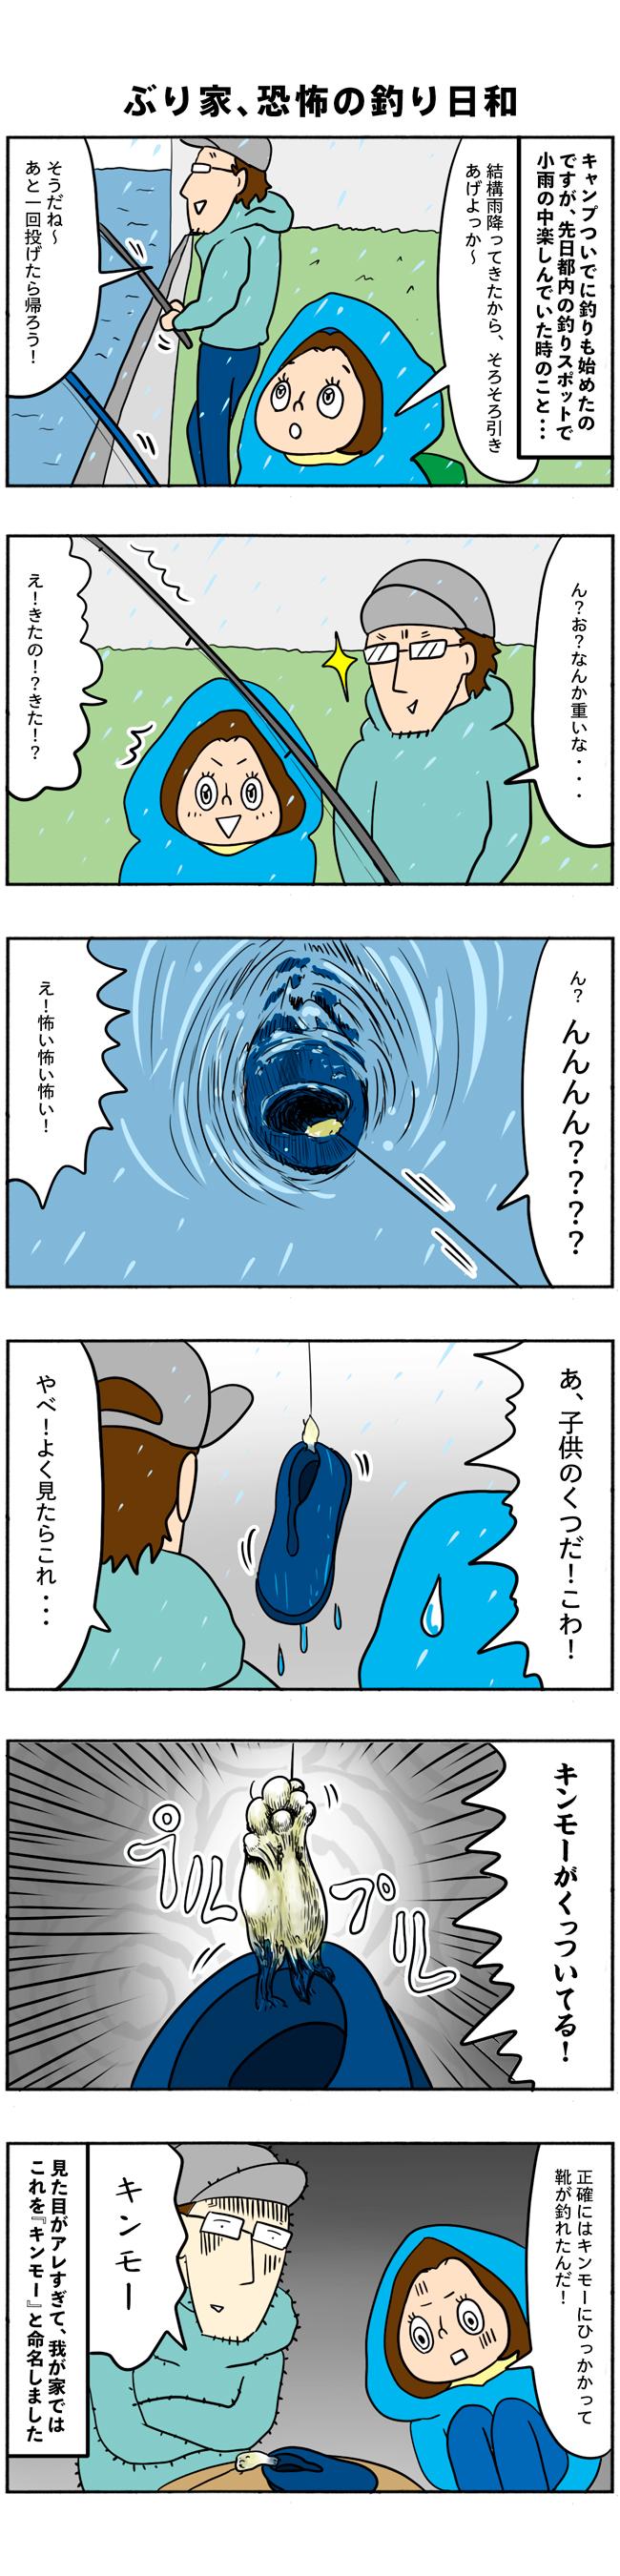 【漫画】※閲覧注意『ぶり家、恐怖の釣り日和・・・・』